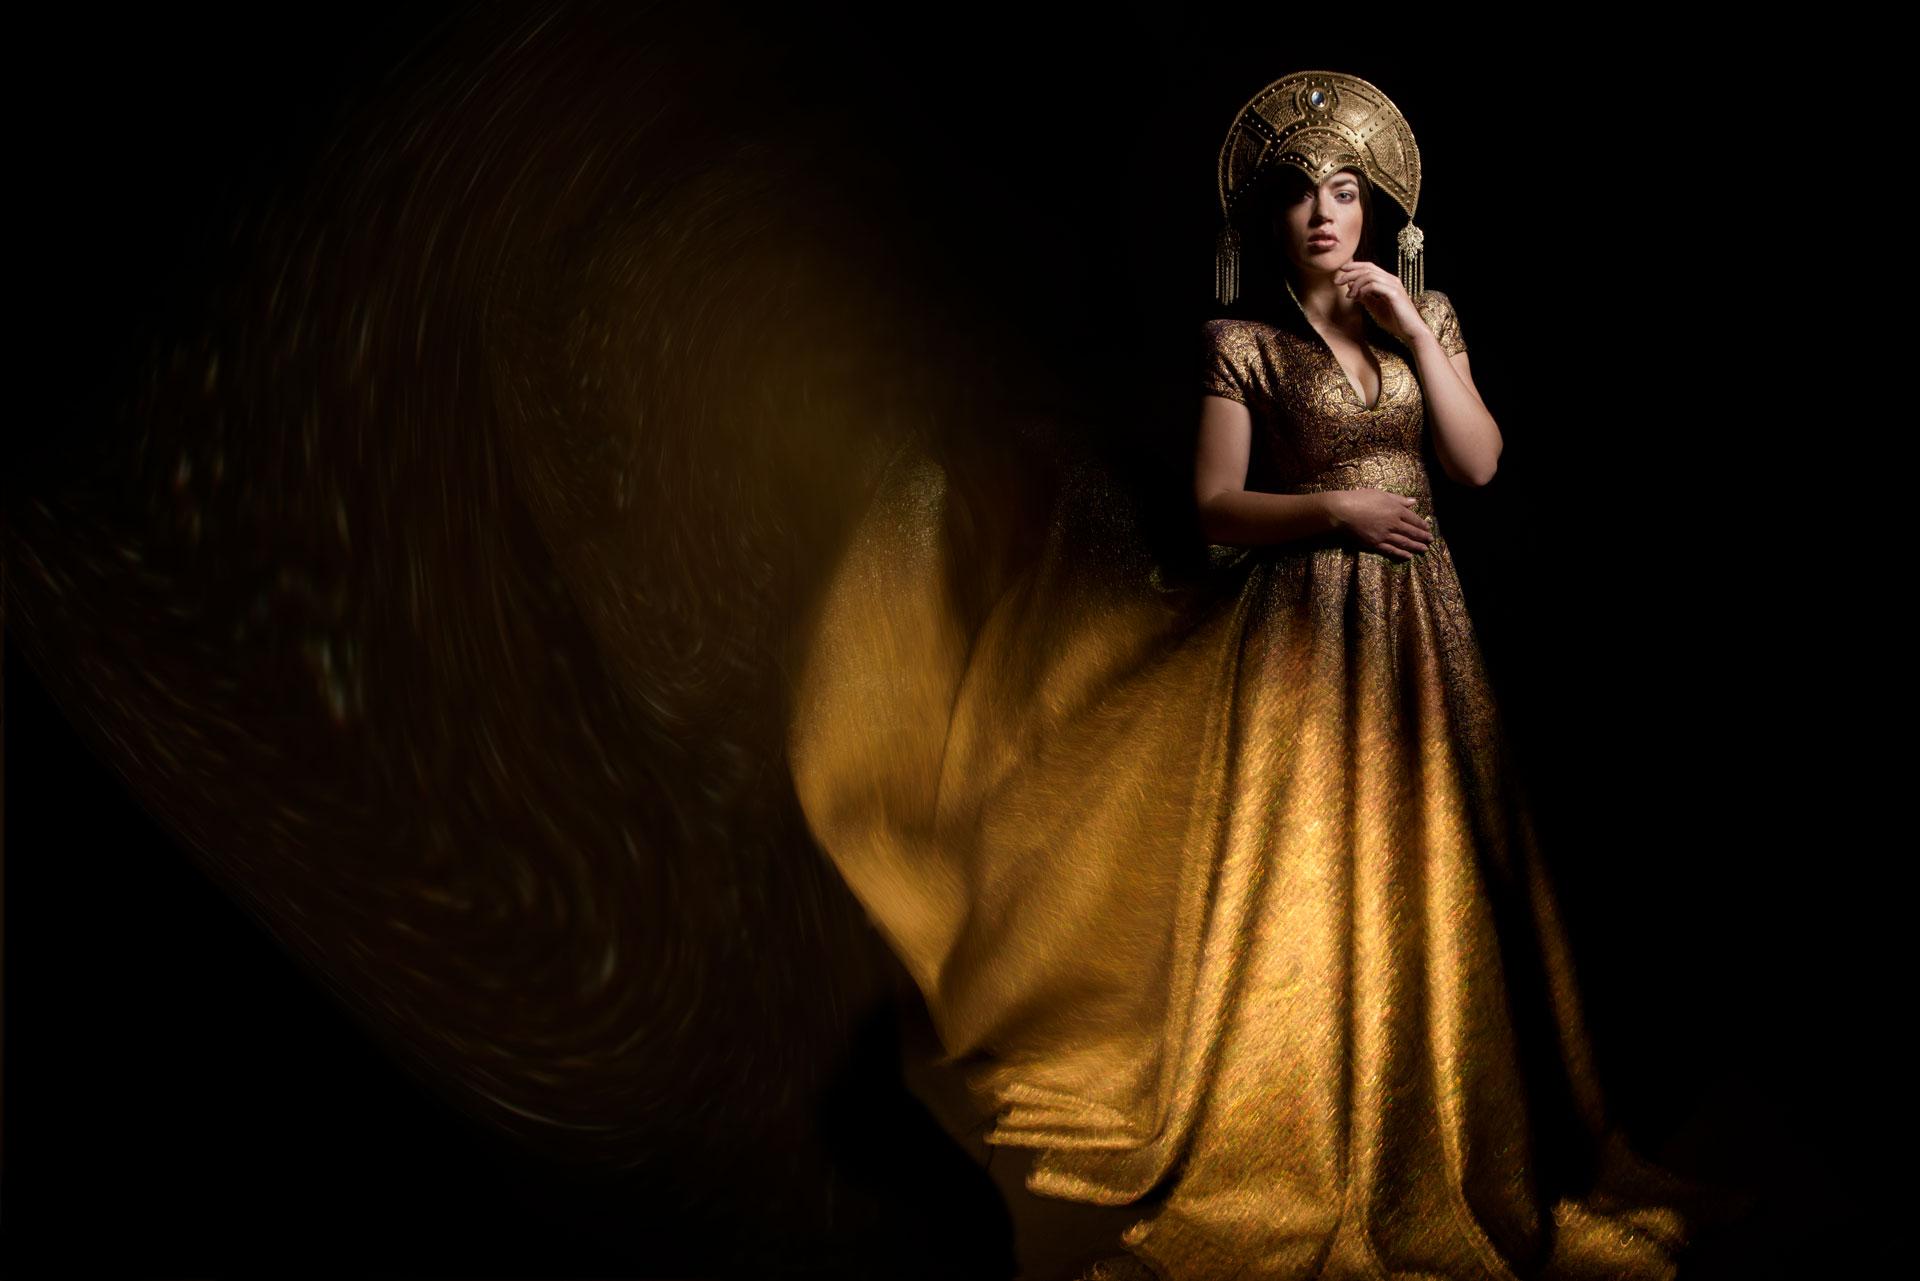 Vincent Dubois Photography - Commercial, portrait and fashion photographer